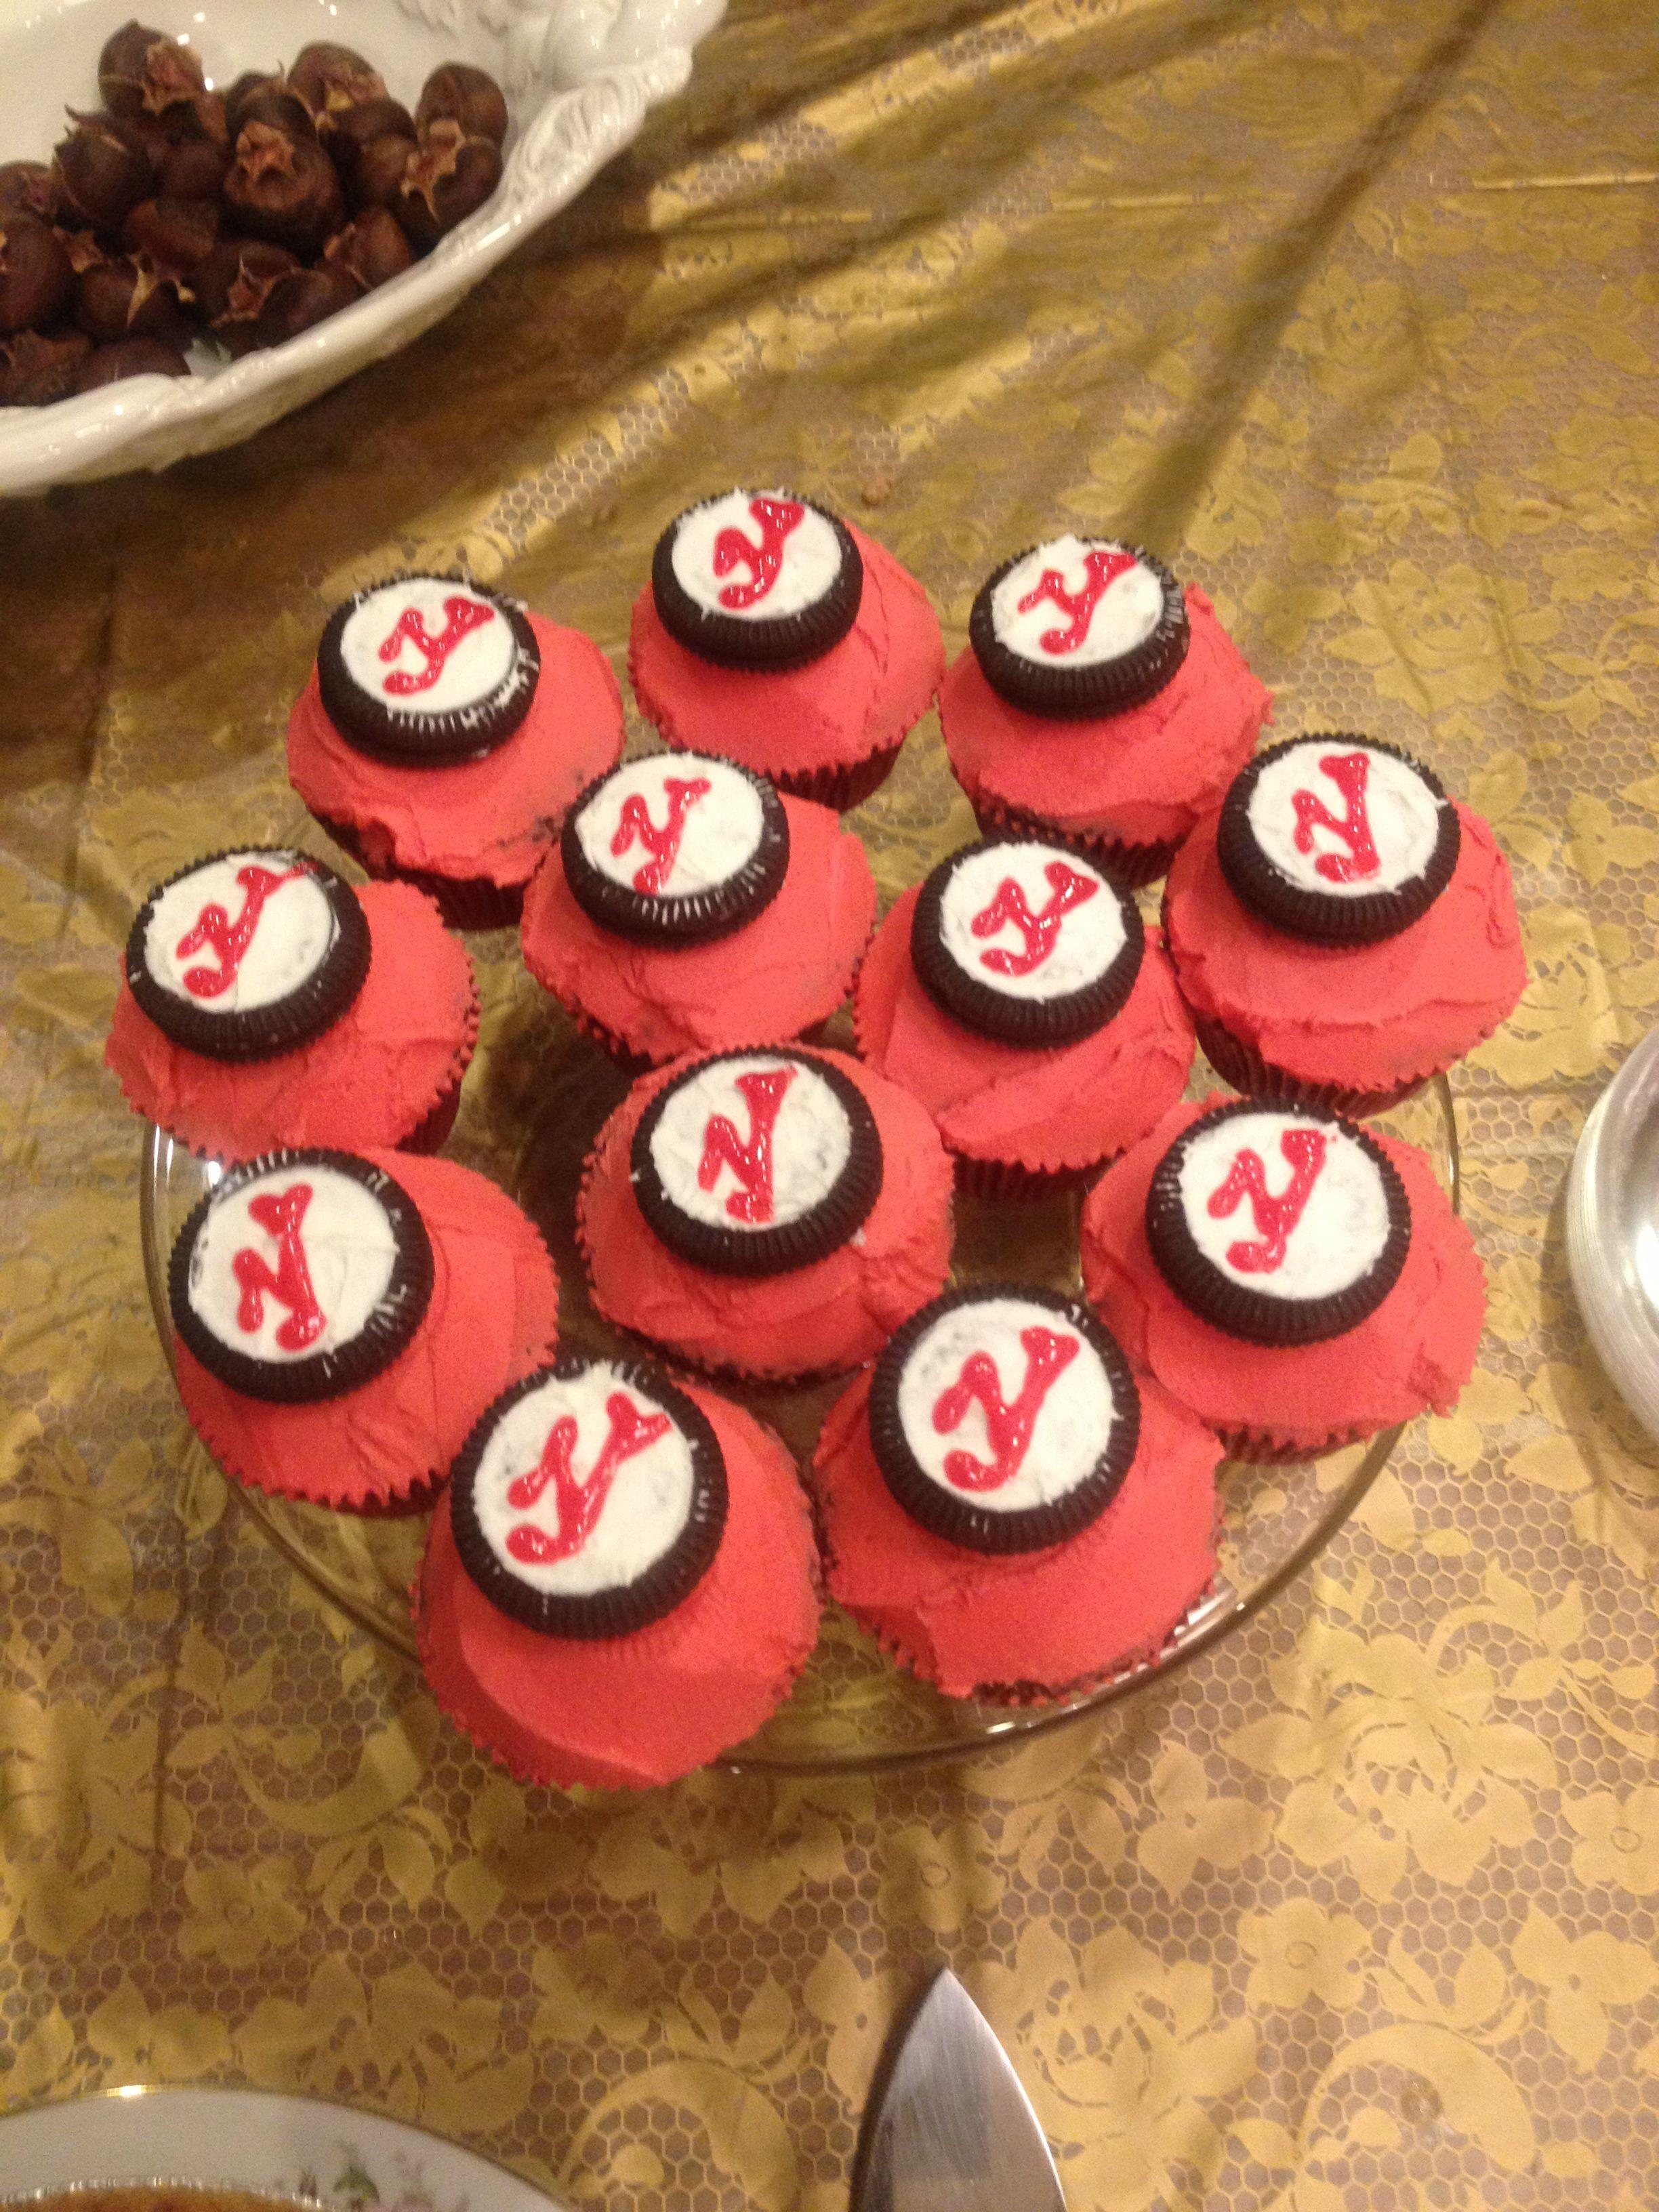 Cupcake Decorating Ideas Hockey : NJ Devils (Hockey) cupcakes Cute idea using oreos All my ...